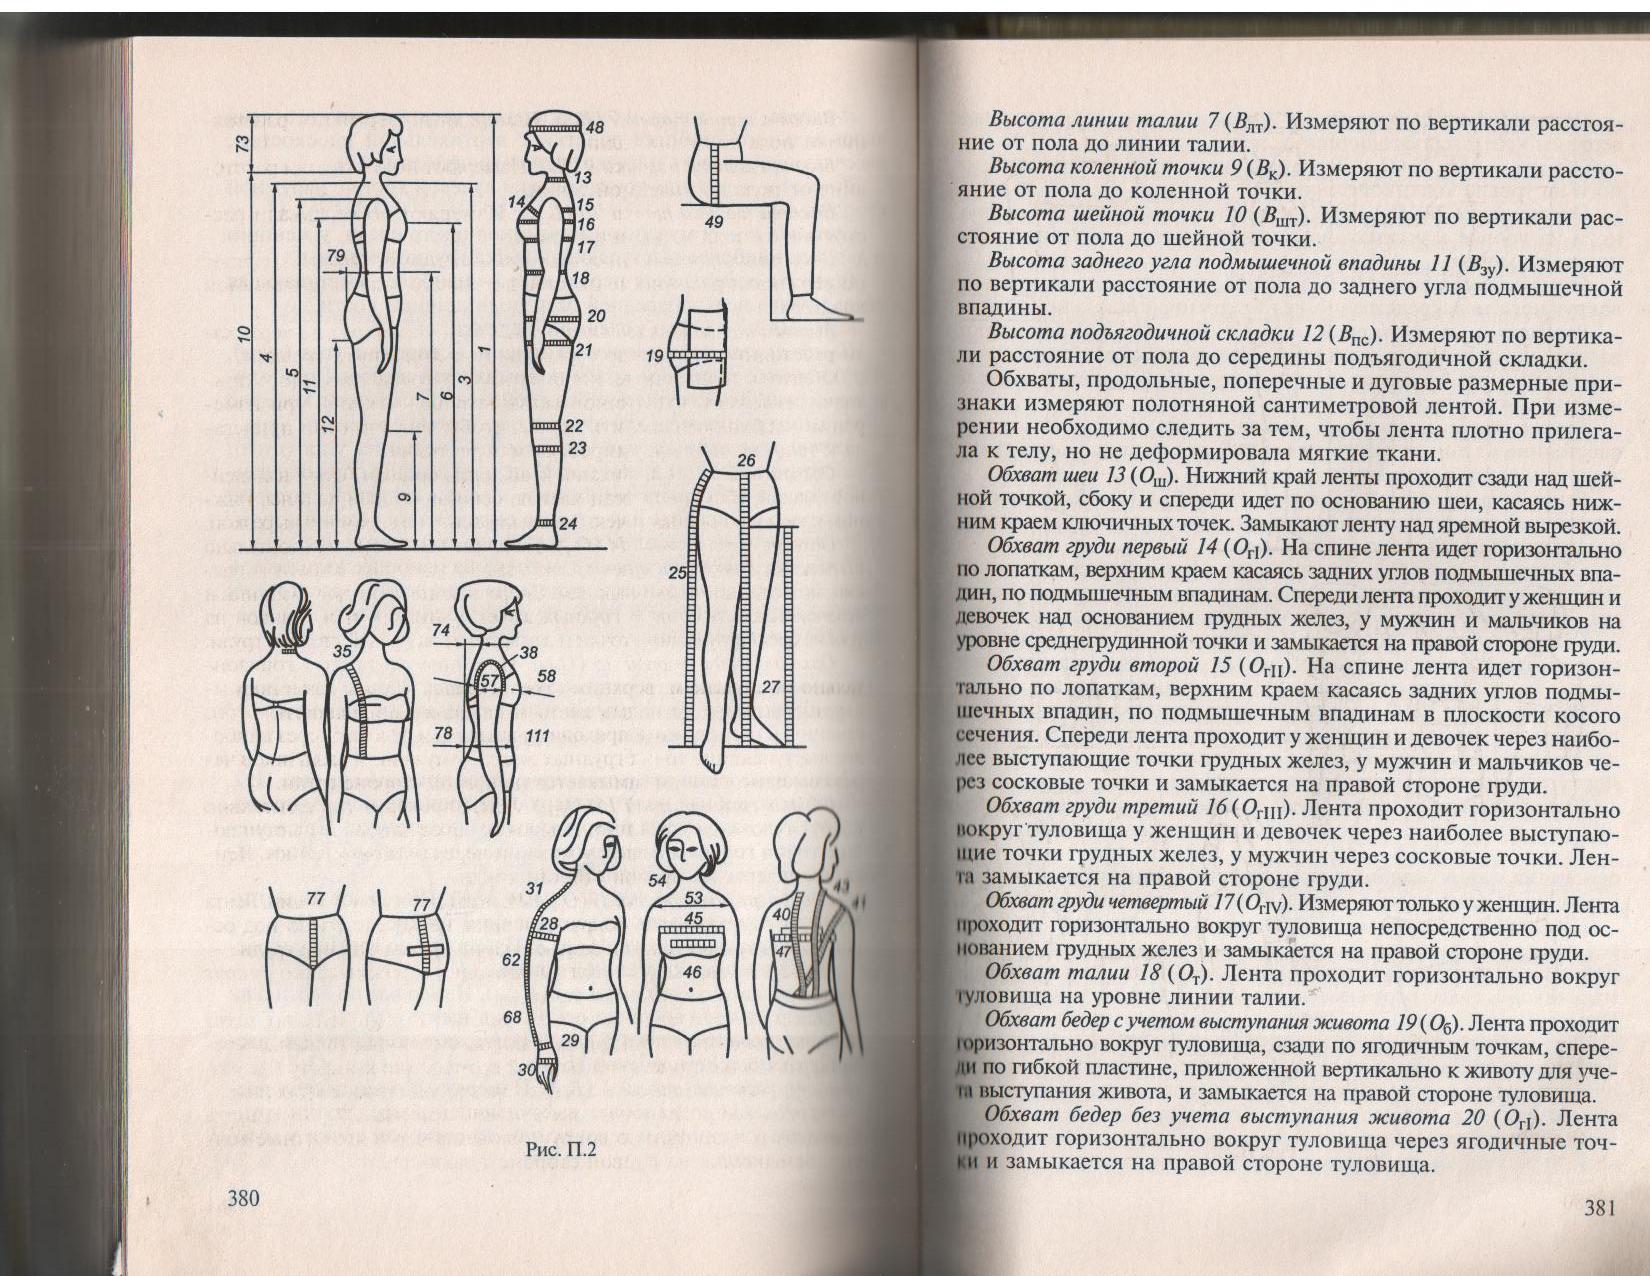 D:\Documents and Settings\Мастер\Мои документы\Мои рисунки\Изображение\Изображение 002.jpg